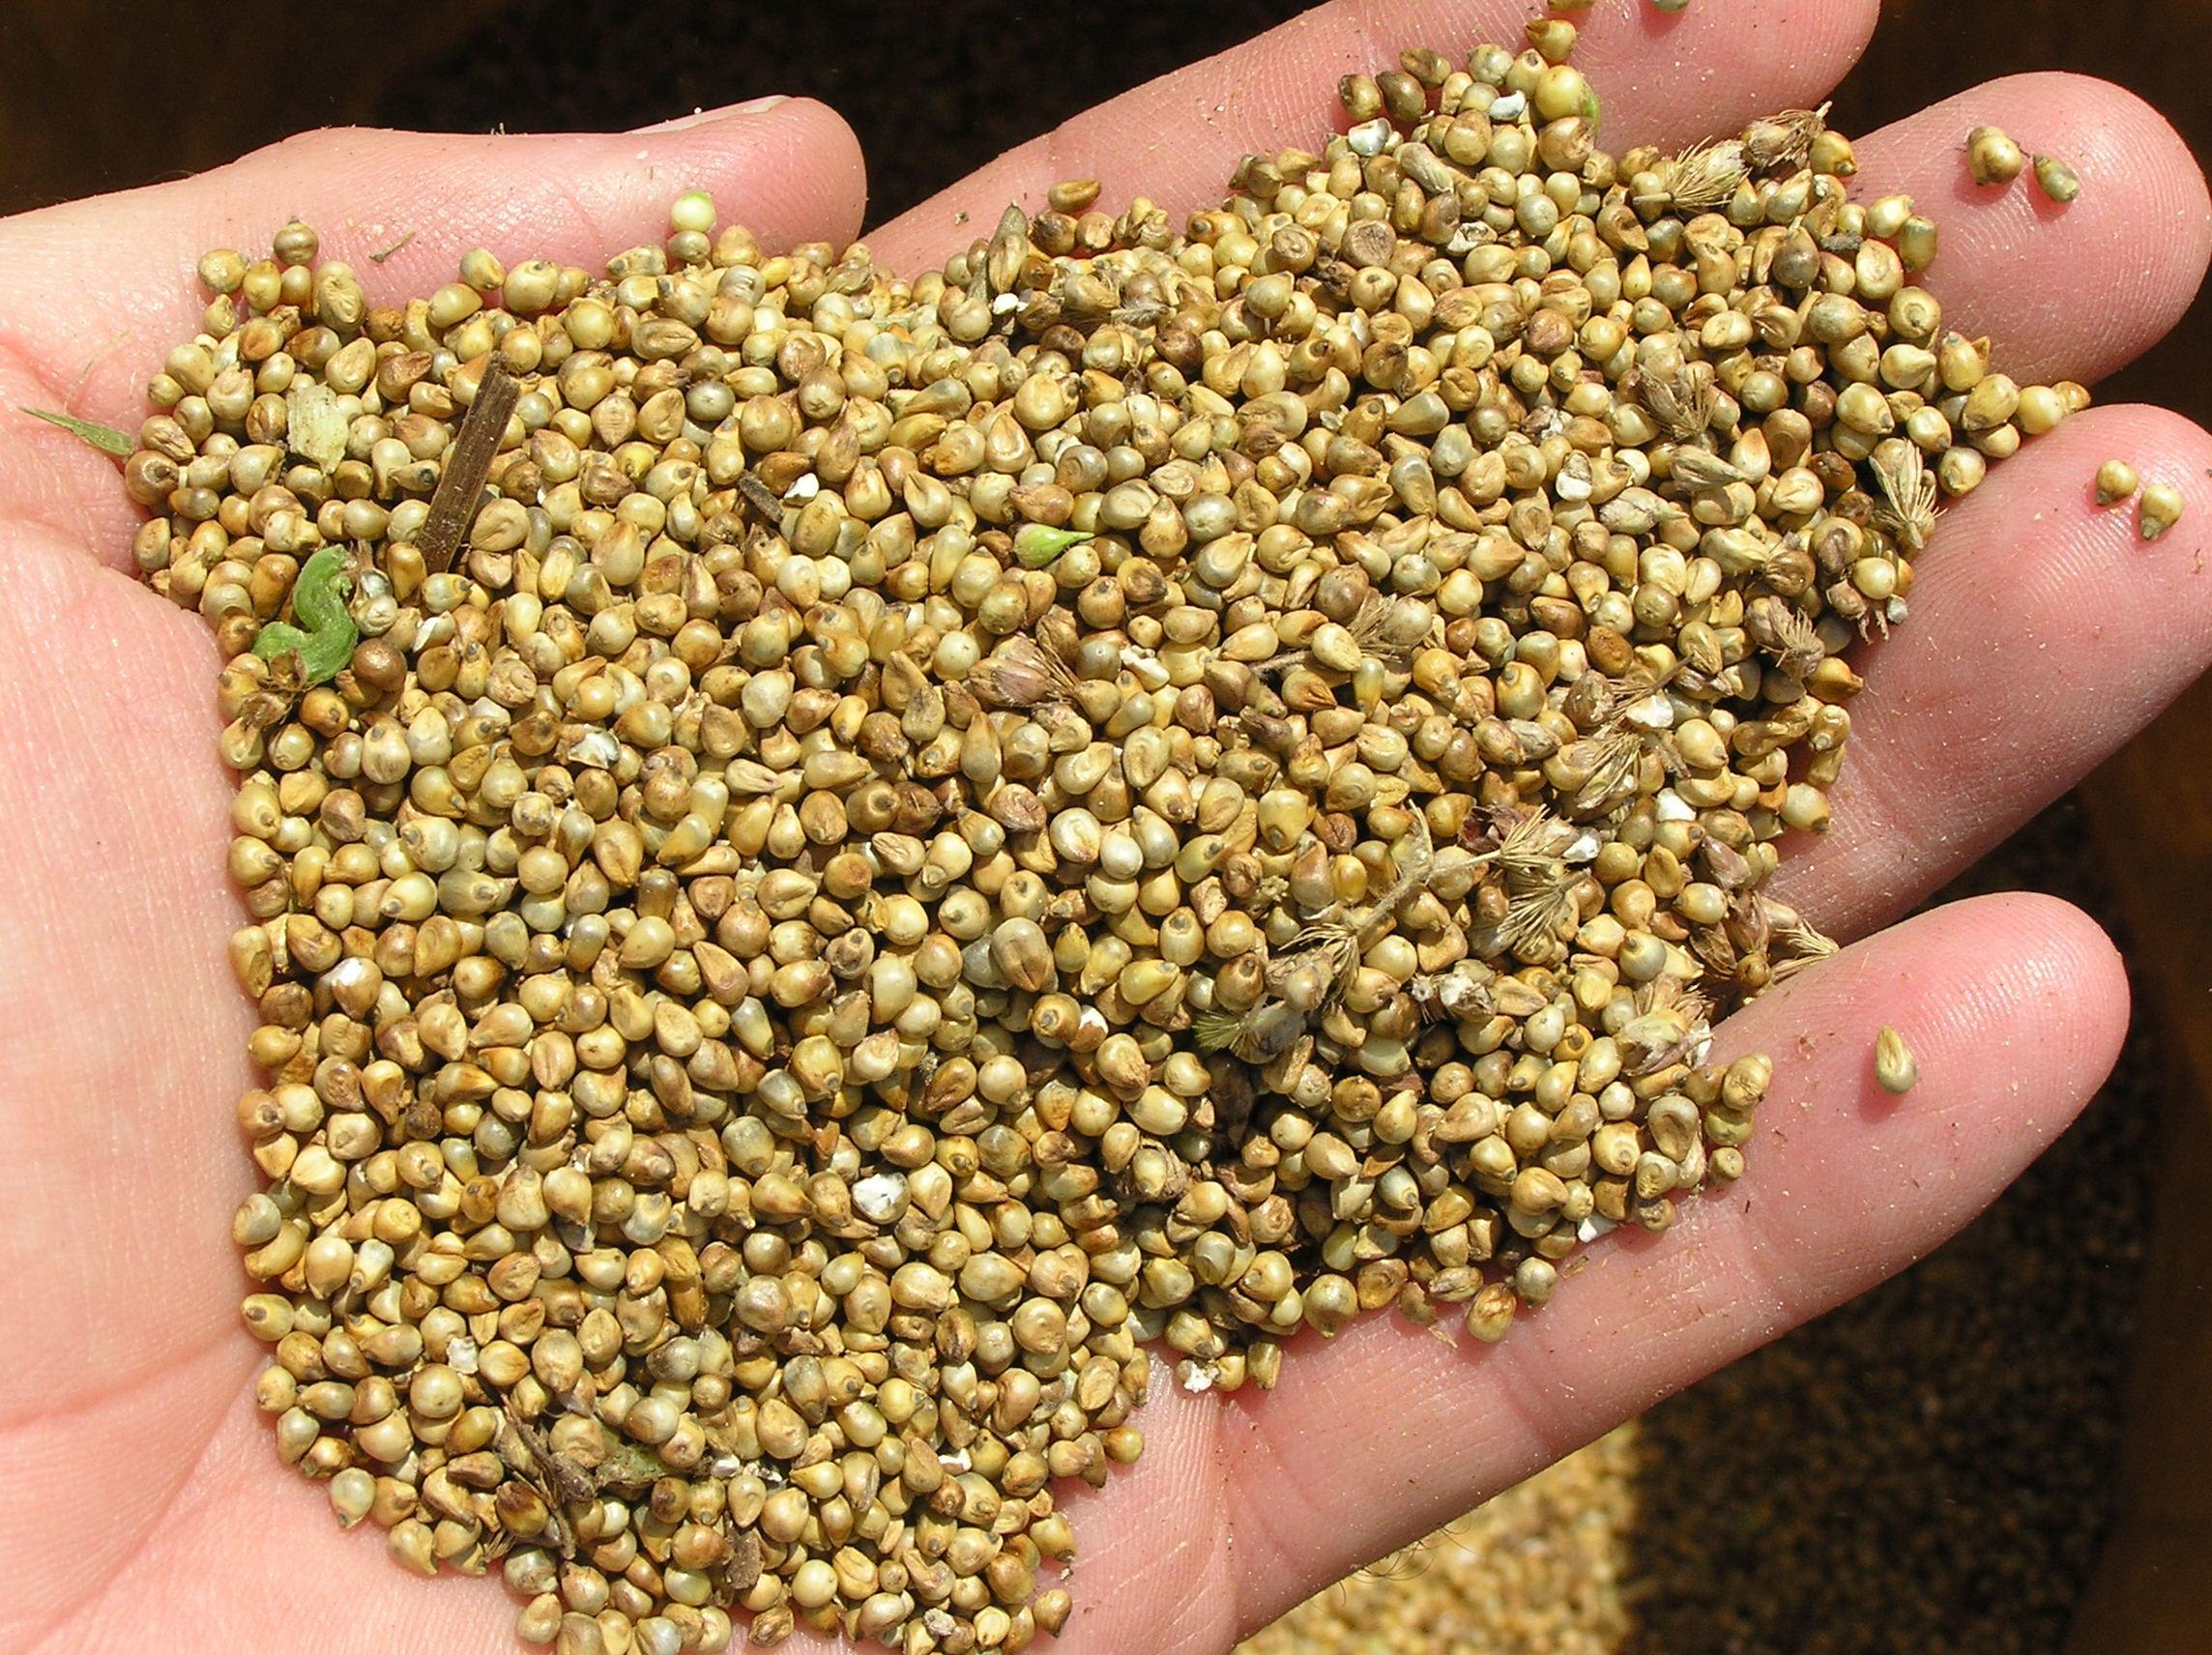 Pearl_millet_after_combine_harvesting.jpg